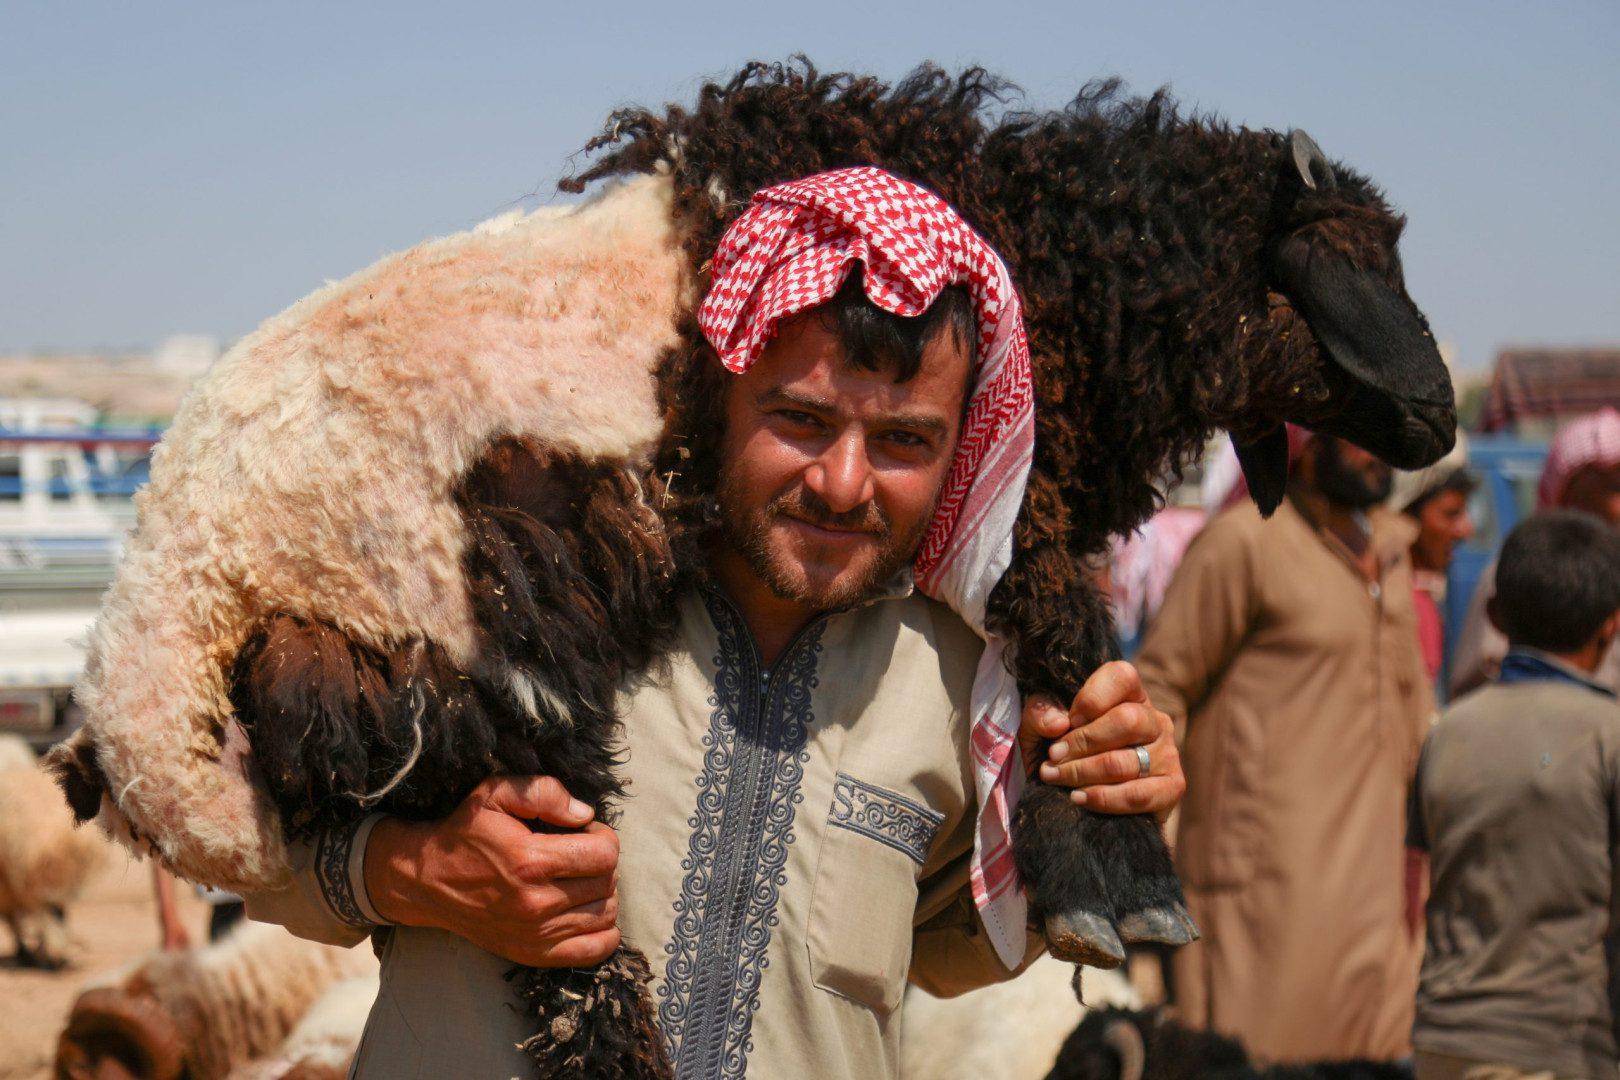 رجل يحمل خروفاً على كتفيه في سوق البردقلي للمواشي غرب مدينة الدانا بريف إدلب الشمالي، 20/ 7/ 2021، (سوريا على طول/علي حاج سليمان)